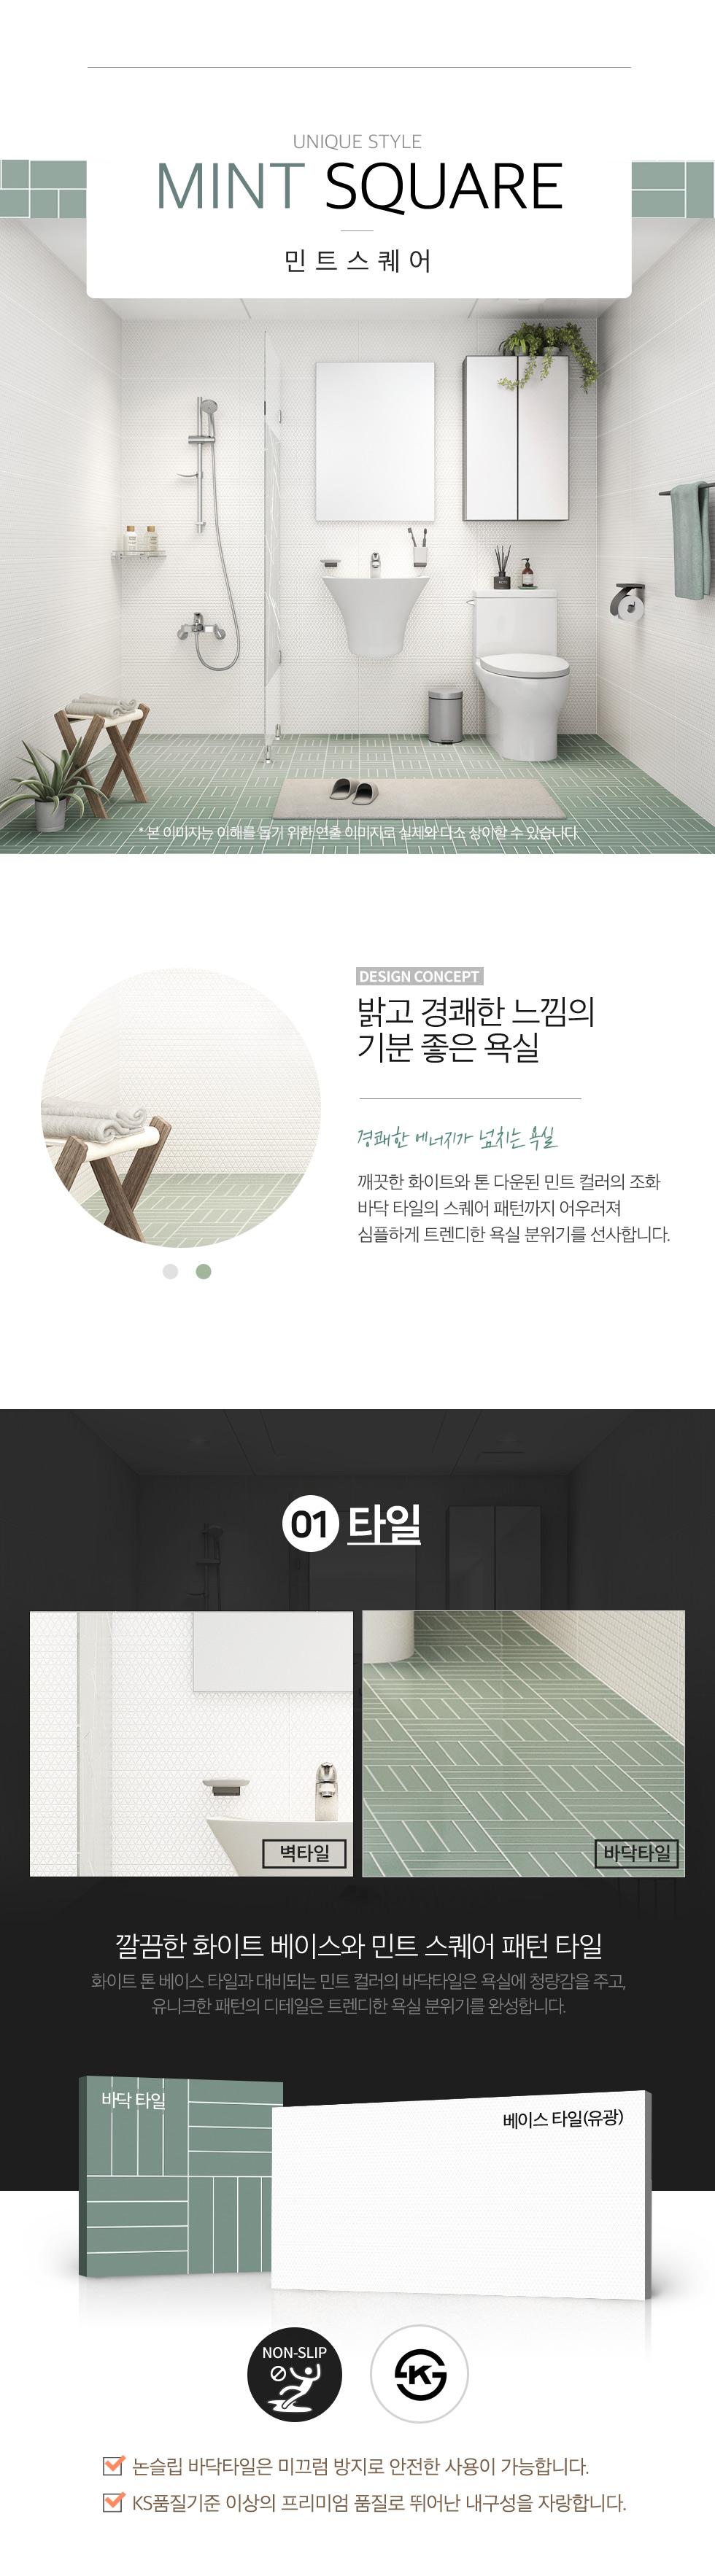 민트스퀘어 패키지소개01